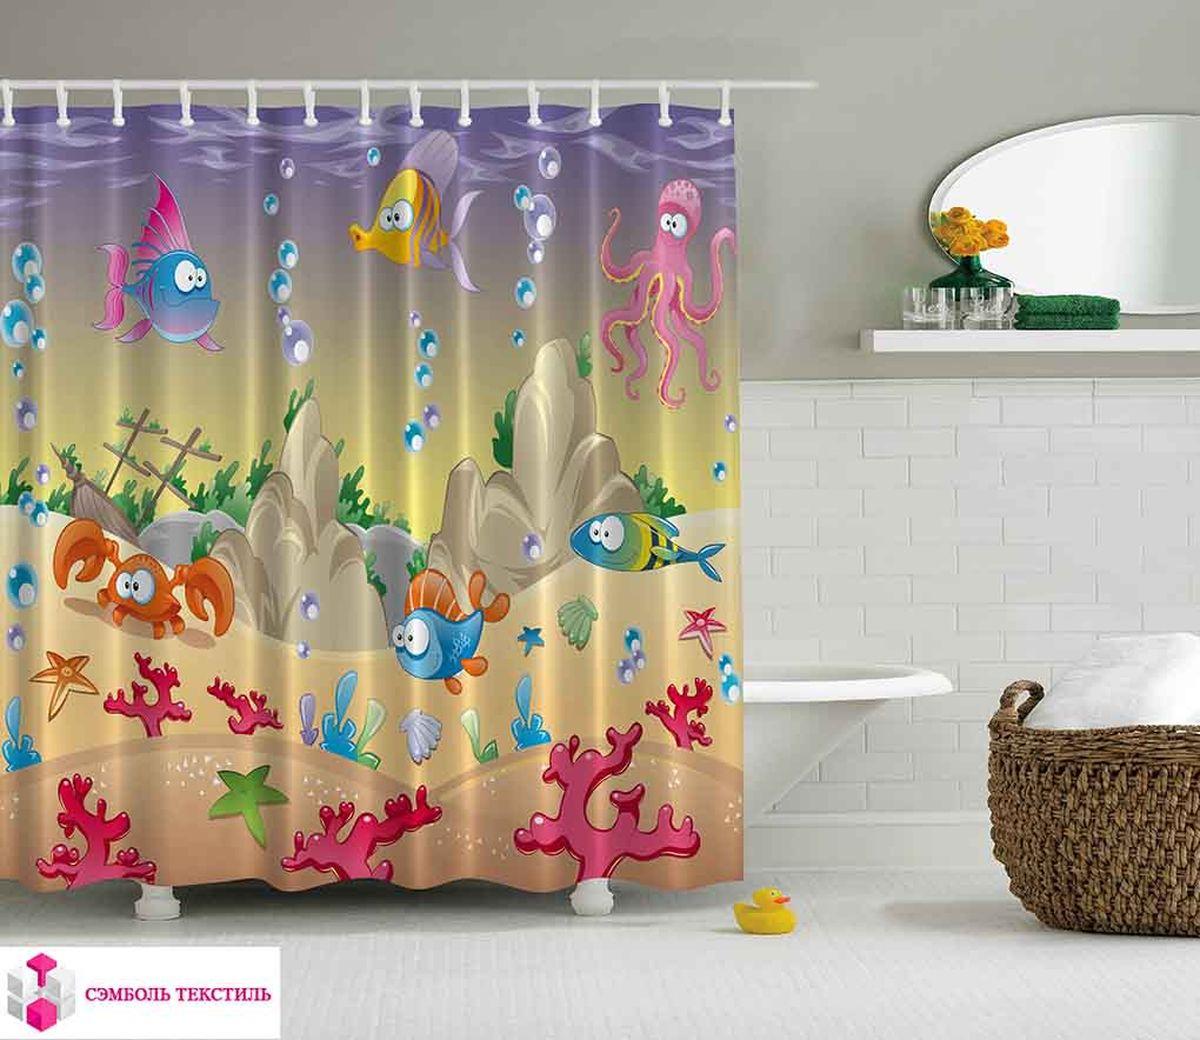 Штора для ванной комнаты Magic Lady Морские обитатели, 180 х 200 см штора для ванной комнаты magic lady дерево в волшебном лесу цвет коричневый оранжевый 180 х 200 см